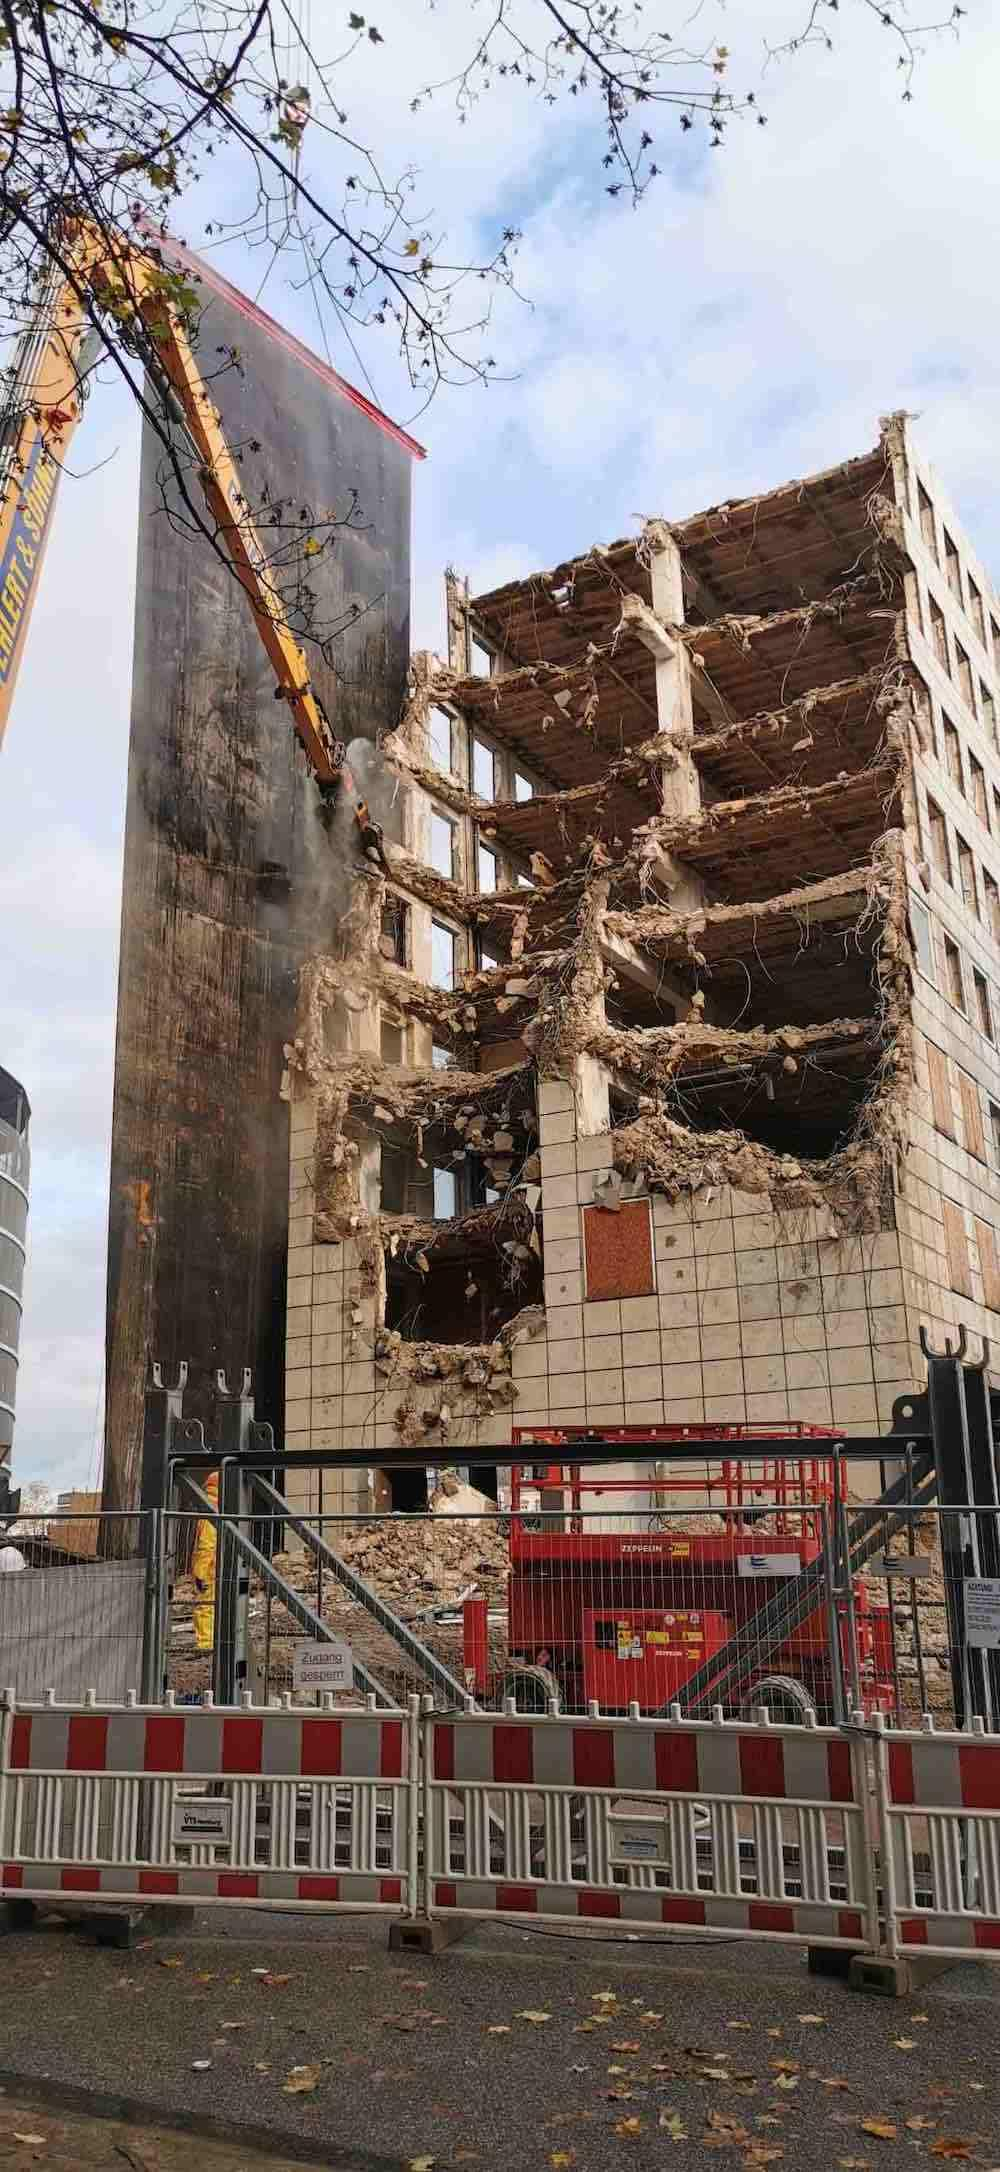 Der Abriss des City-Hofs schreitet voran und legt dabei offen, was ursprünglich war